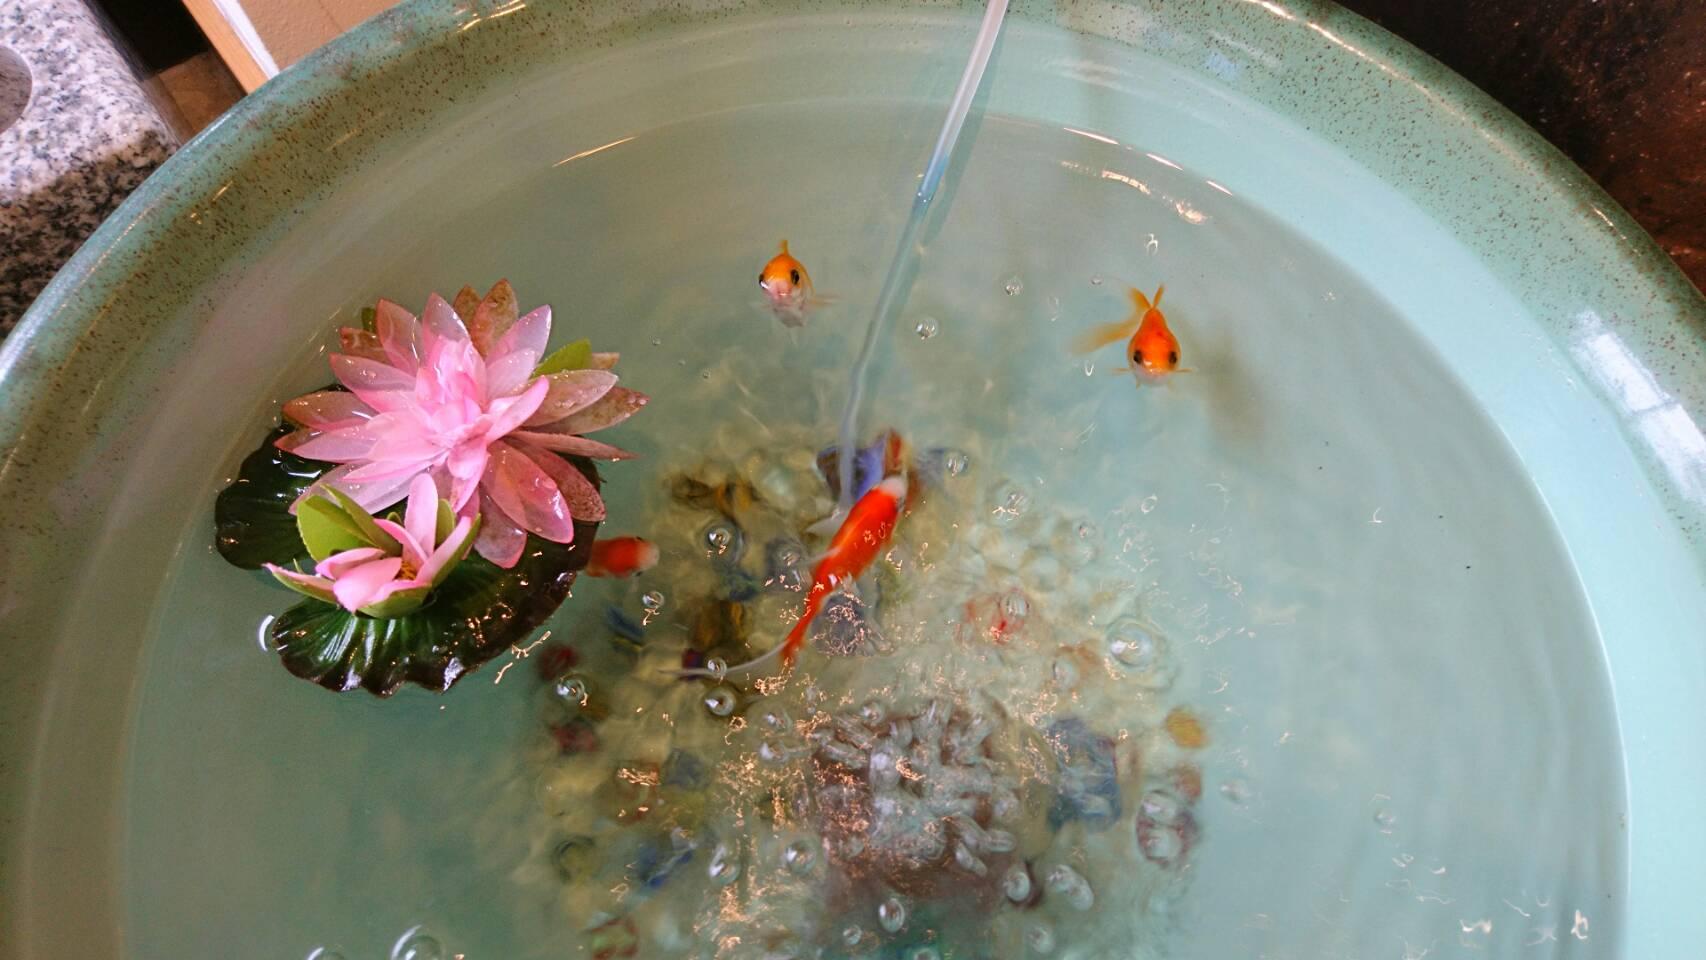 ふくば 福島 仏壇 写真ギャラリー画像23